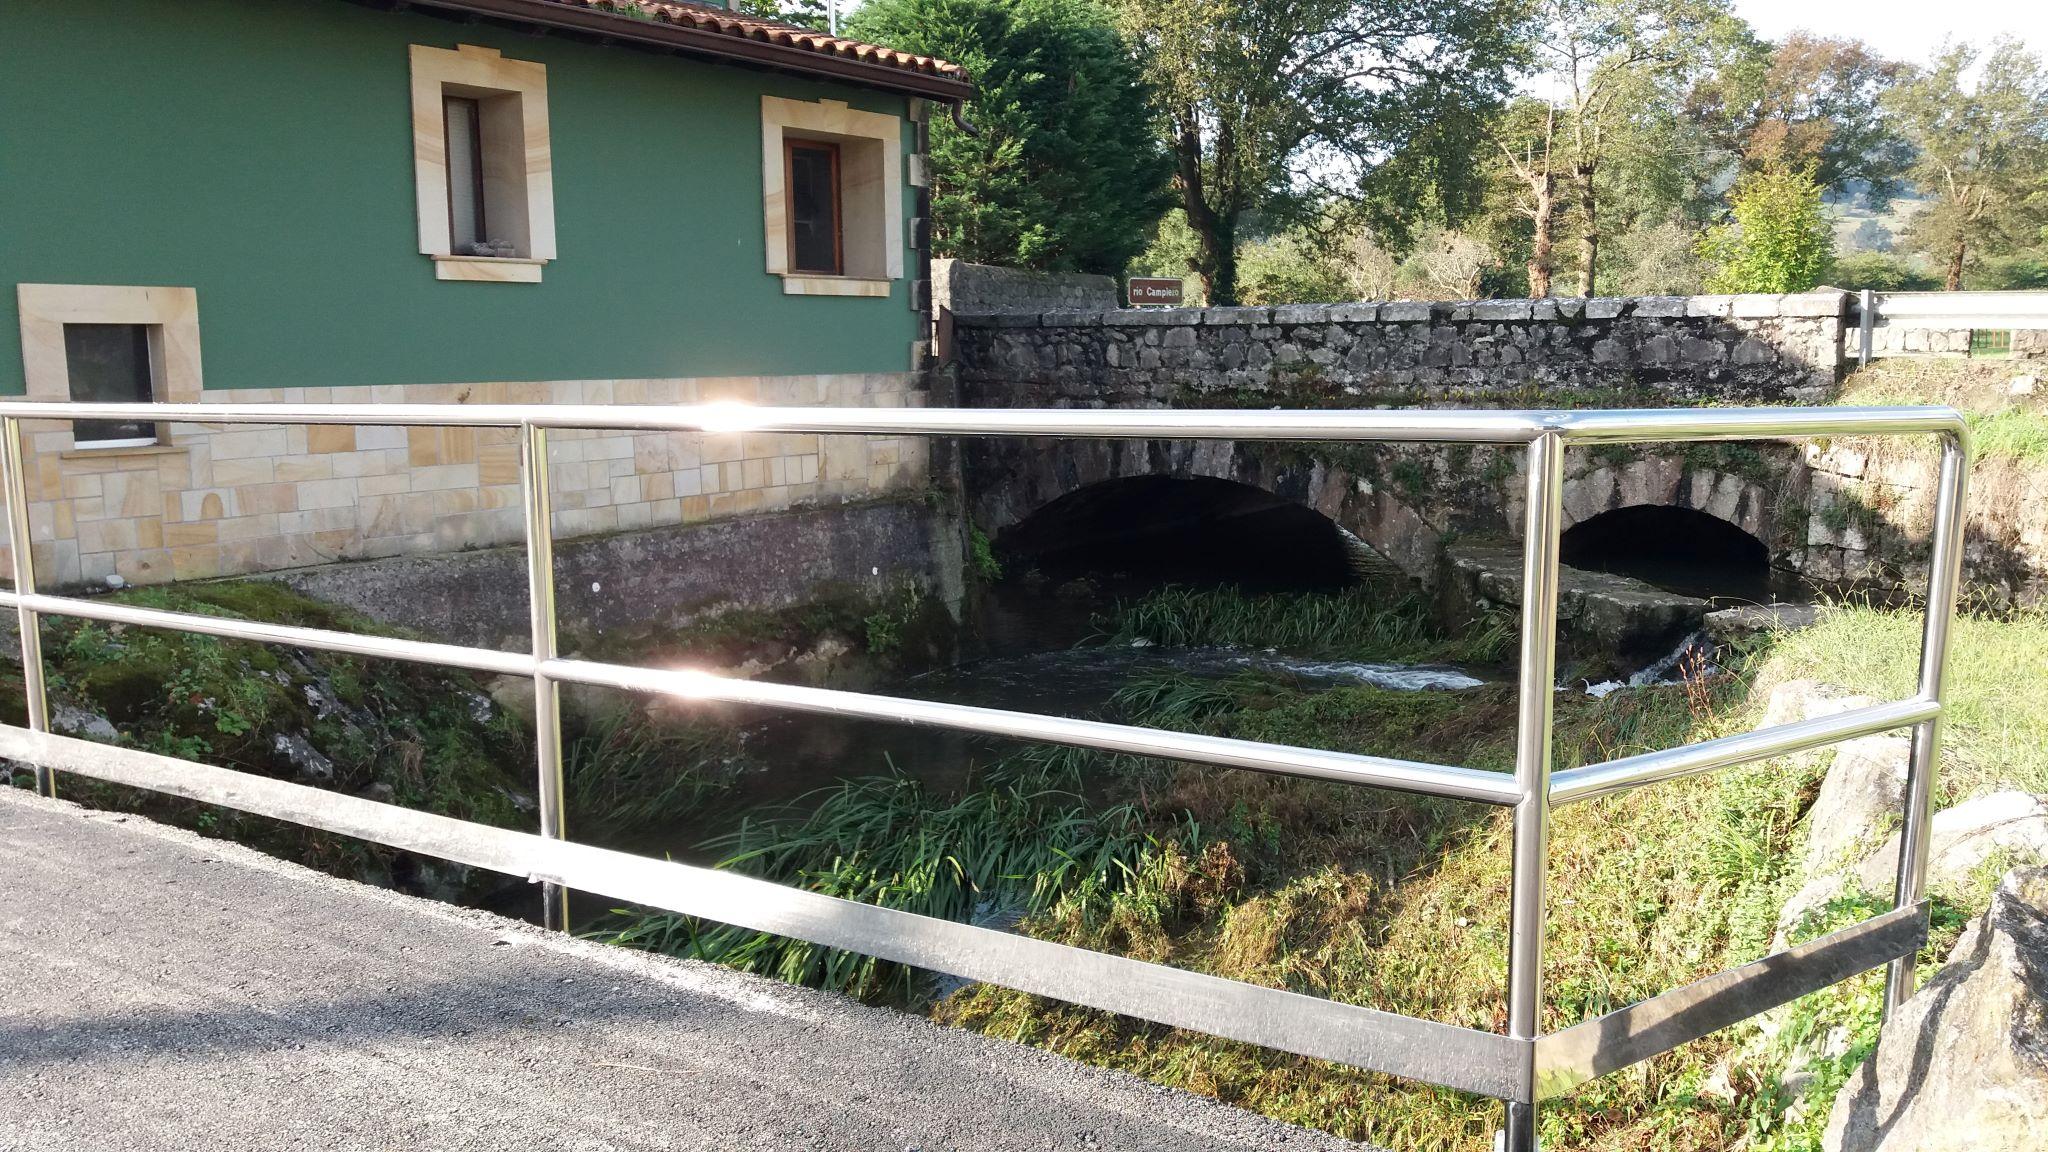 Barandillas obras puente entrada Tanaguillo